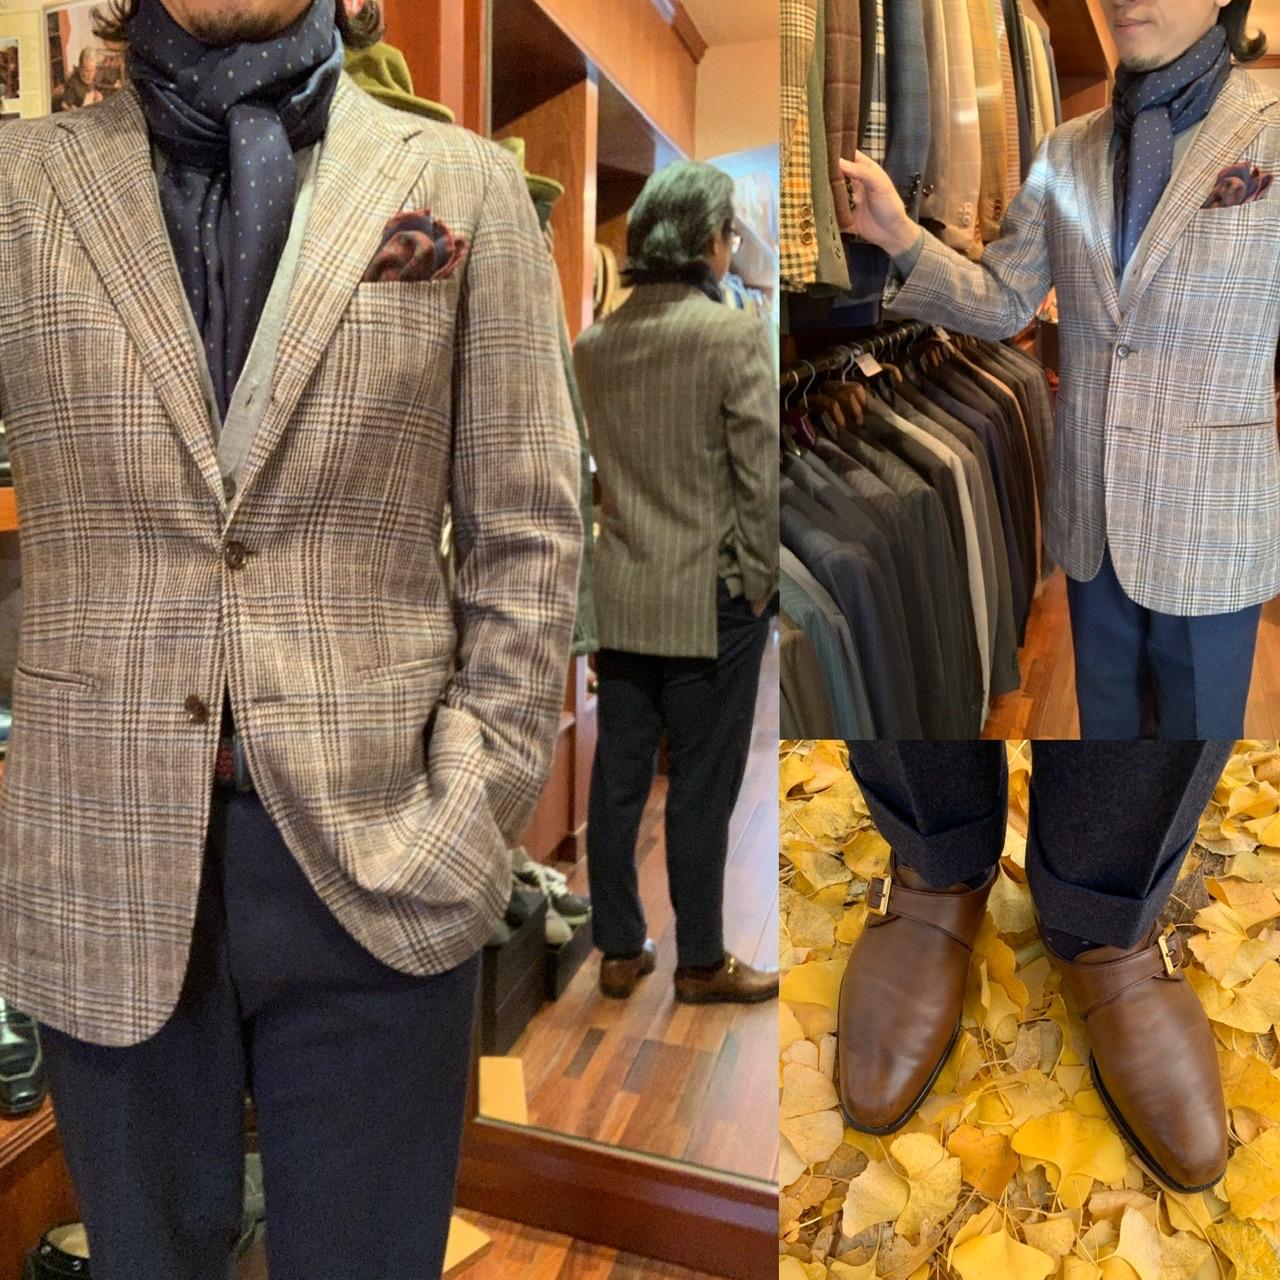 ◆簡単にお洒落に見せるチェック柄ジャケットの着こなし◆